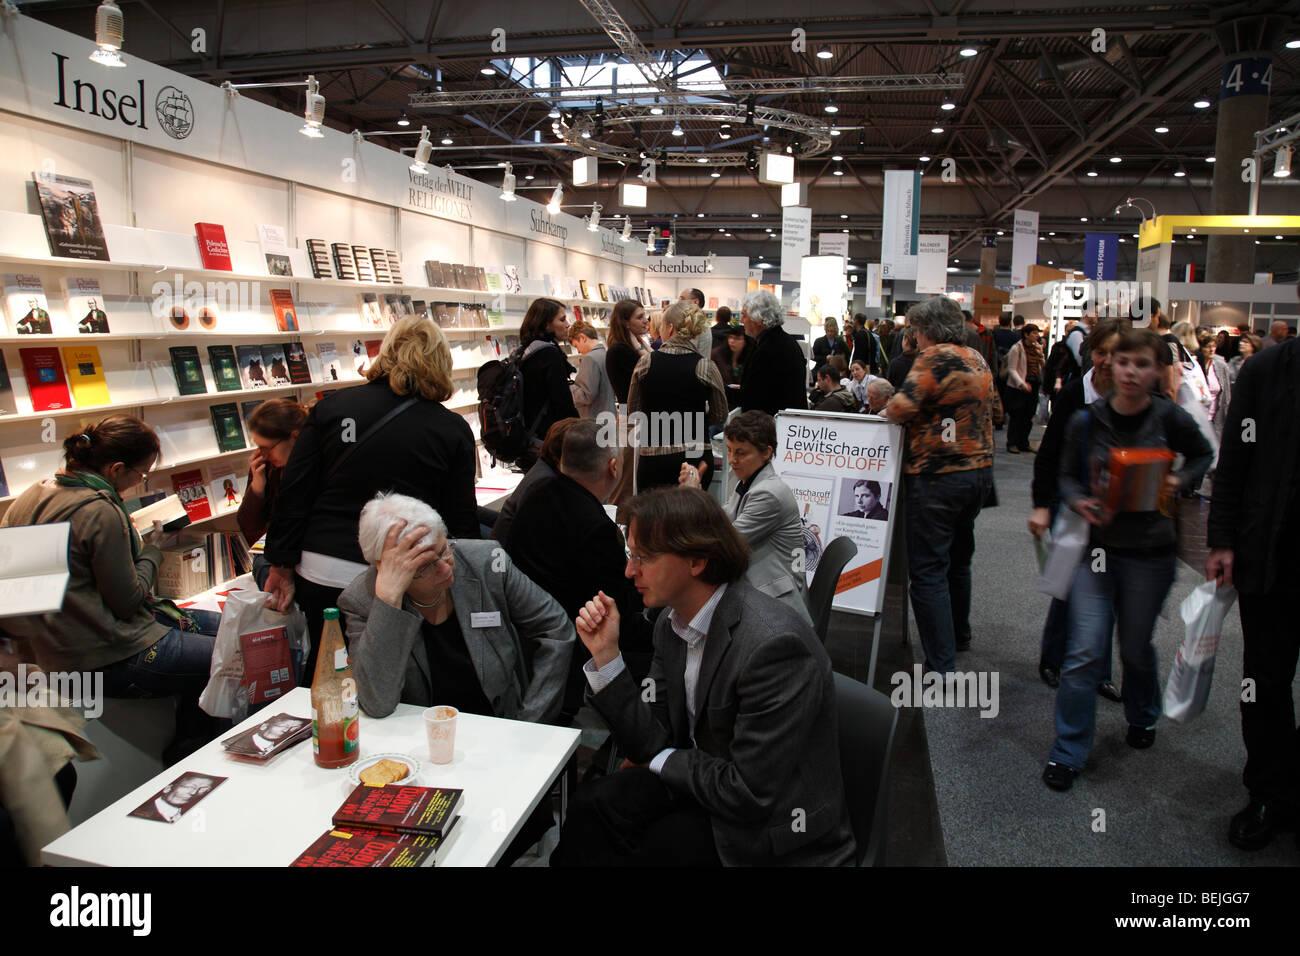 Insel Verlag Verlag das Buch Messe 2009 in Leipzig, Deutschland Stockbild